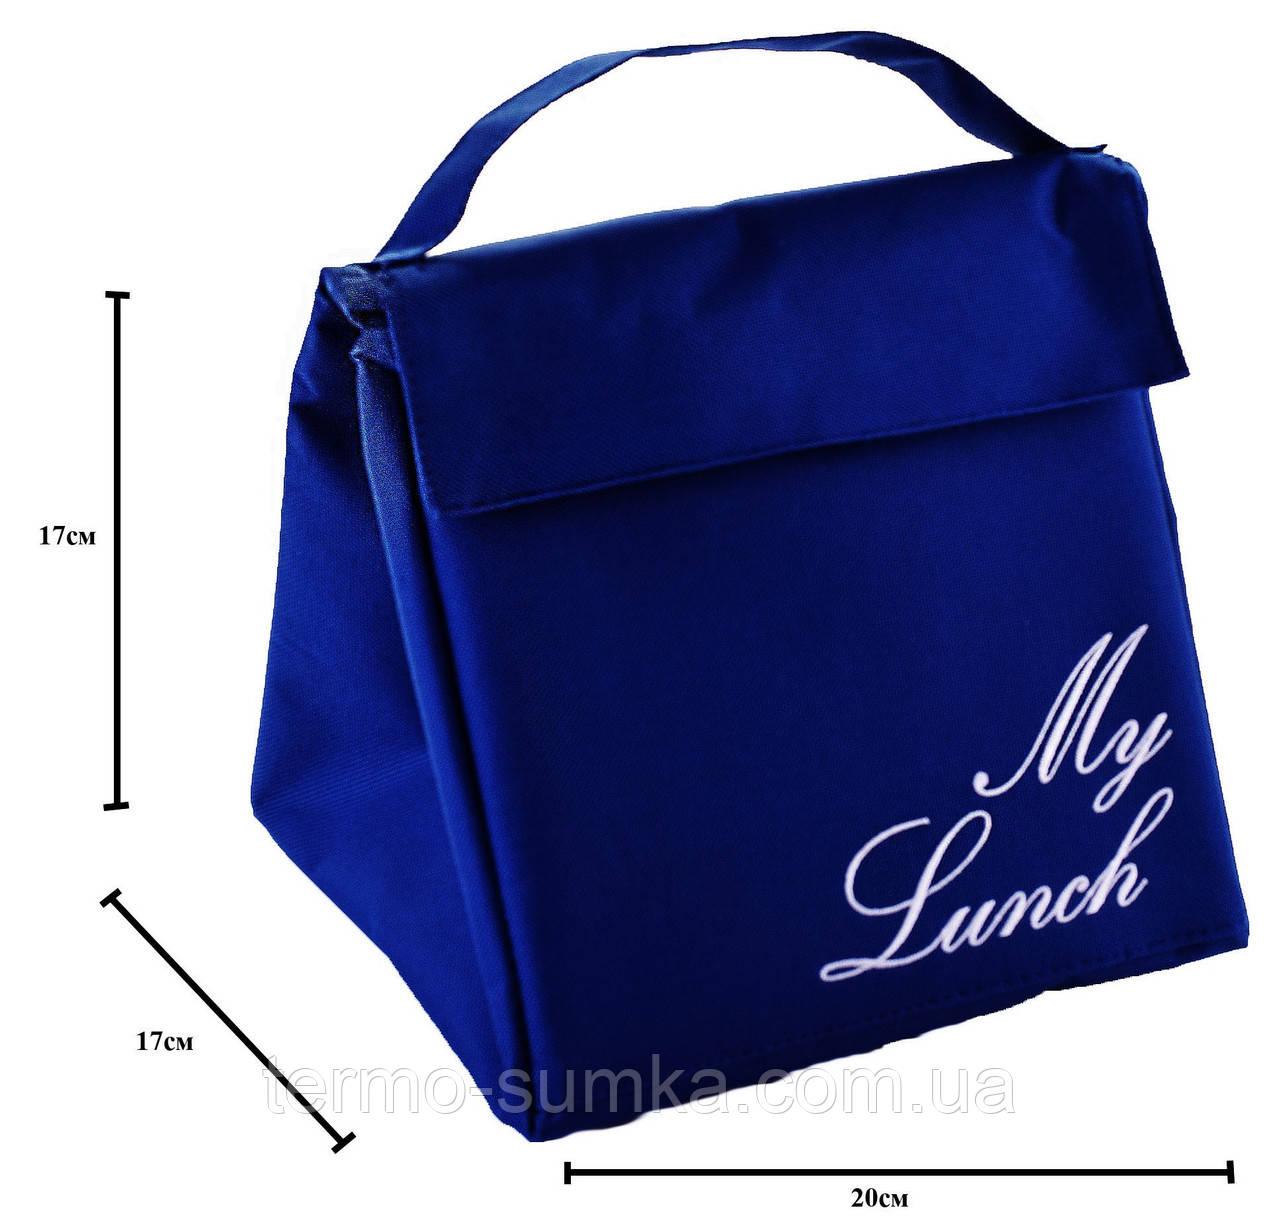 Термосумка. Сумка для еды с собой Lunch bag с вышивкой My lunch. Синий